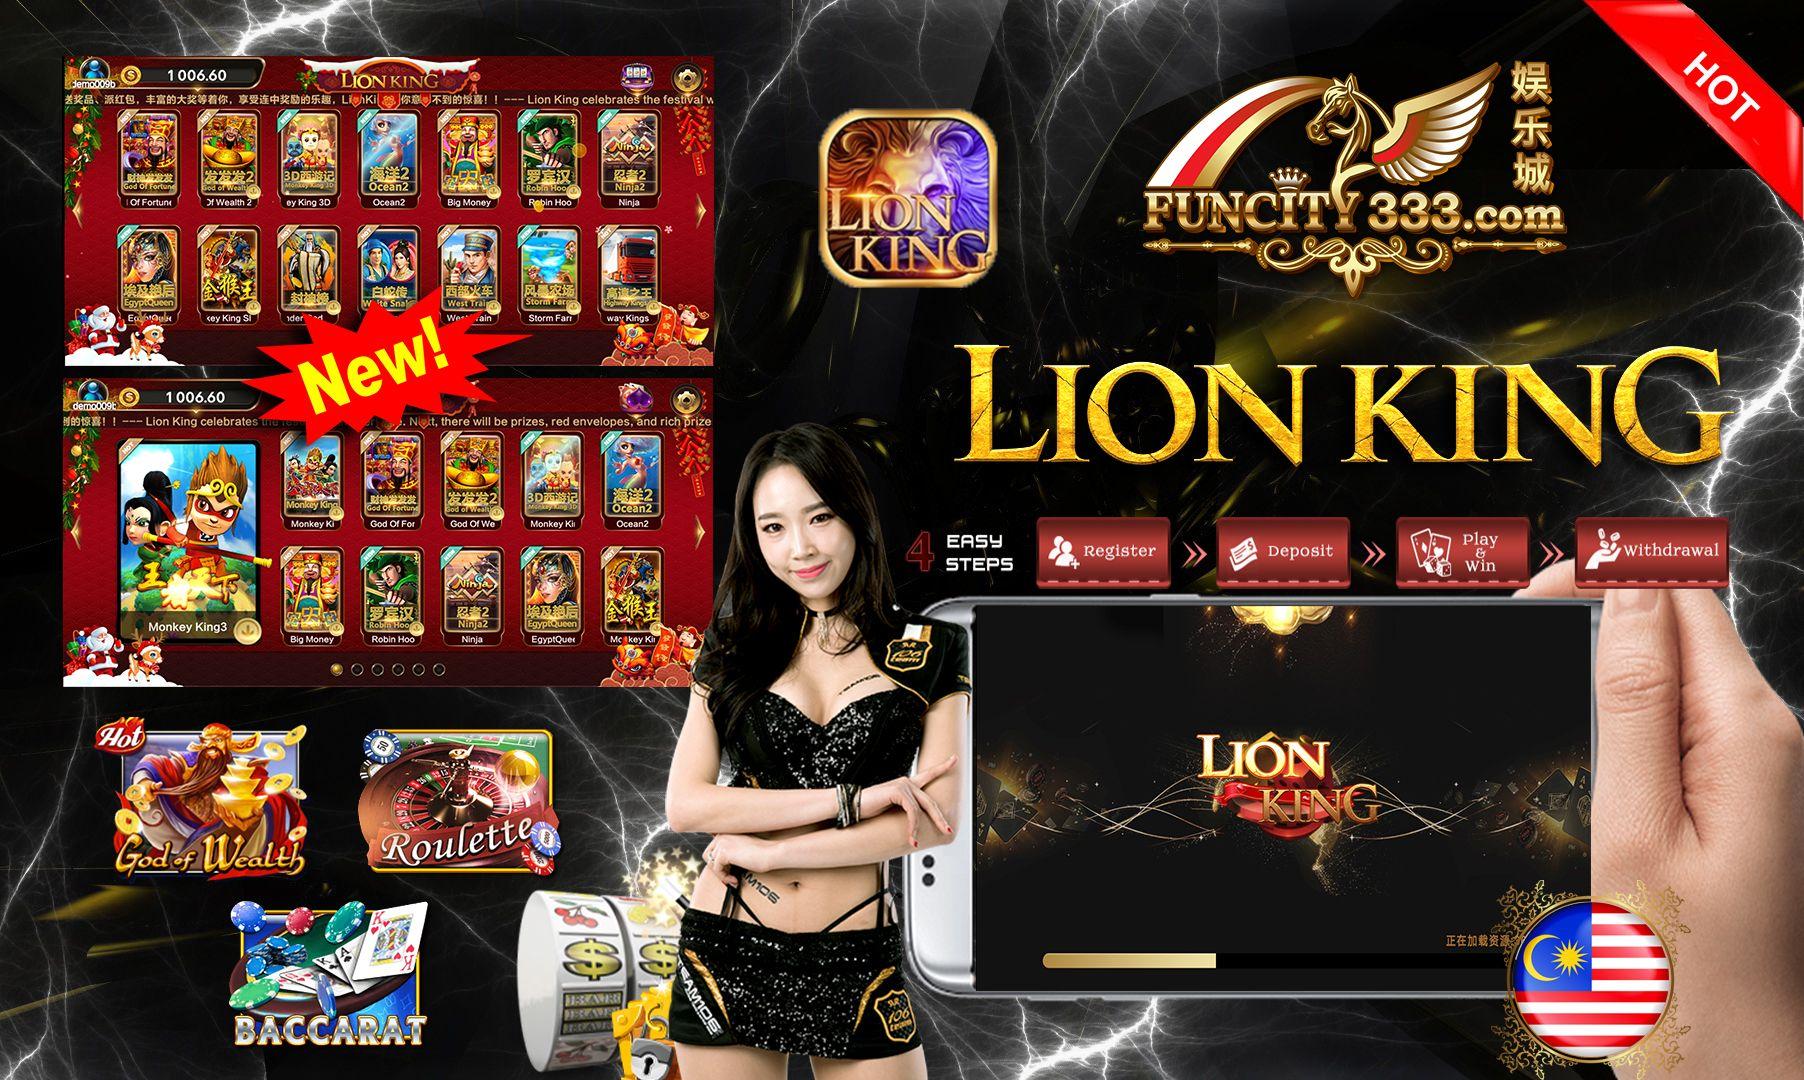 King casino online играть покер смотреть онлайн